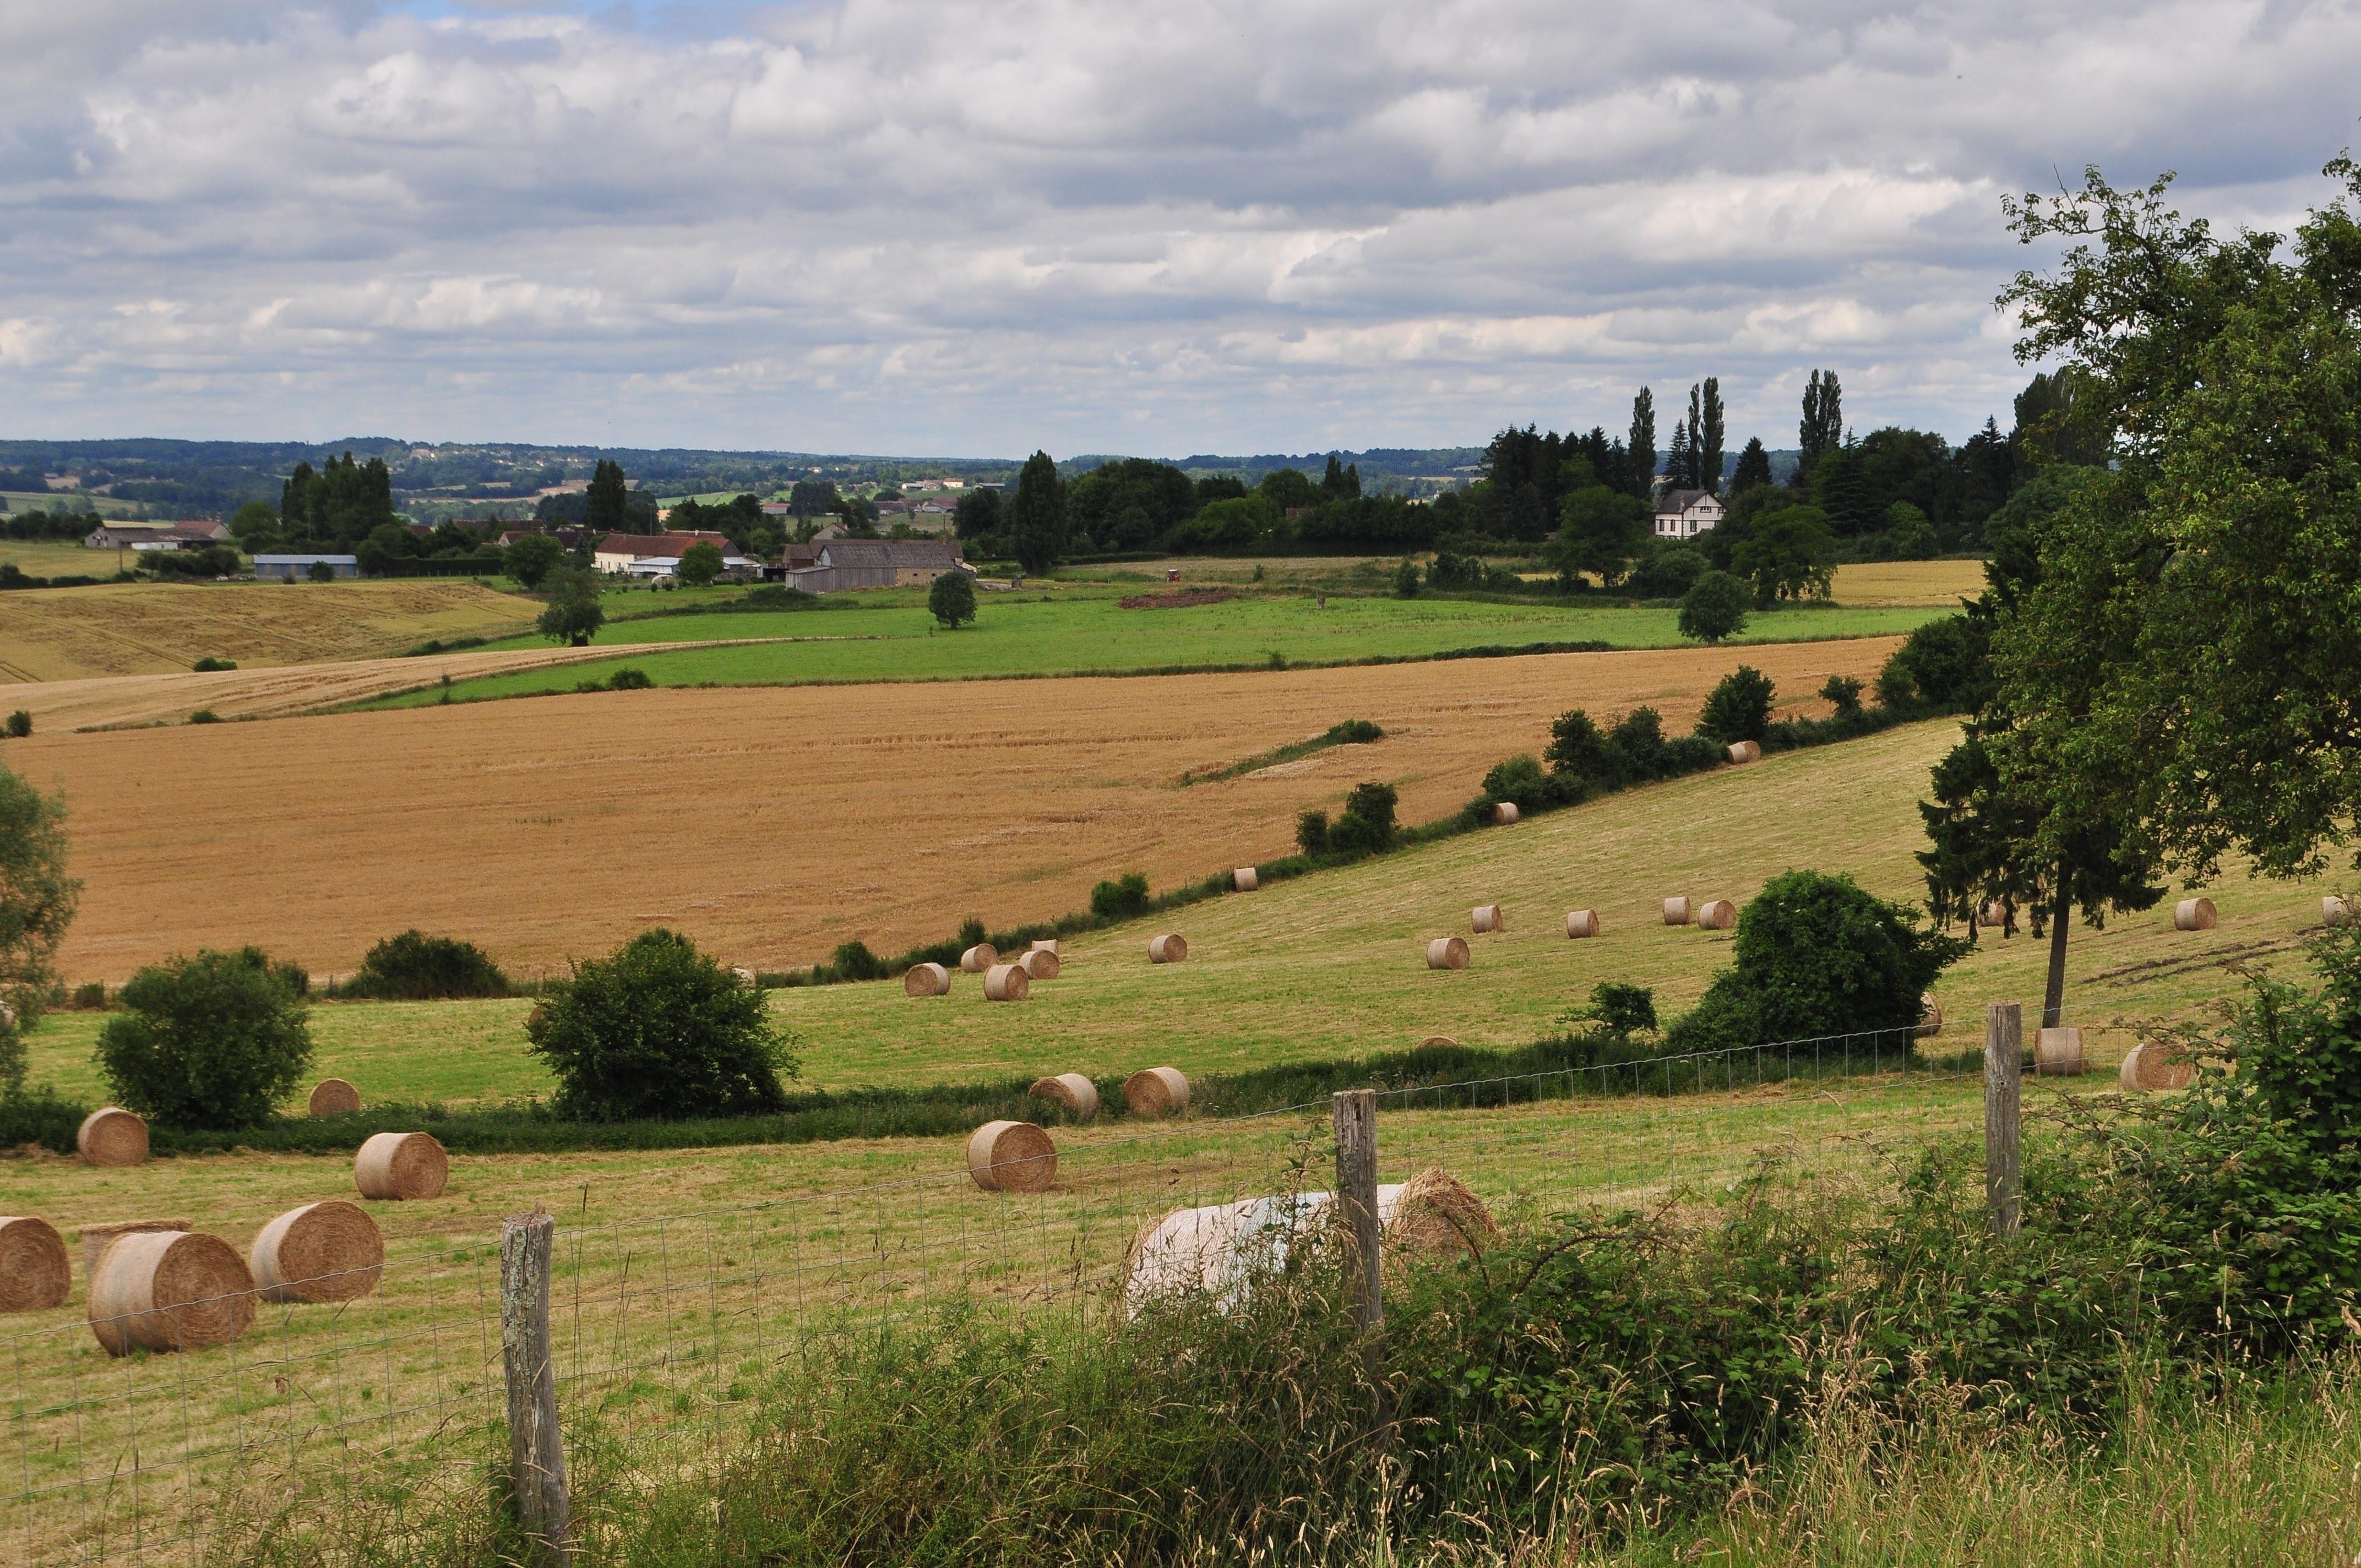 покажу, как фото камни на сельскохозяйственных полях эстонии бугорчатые корнишонные